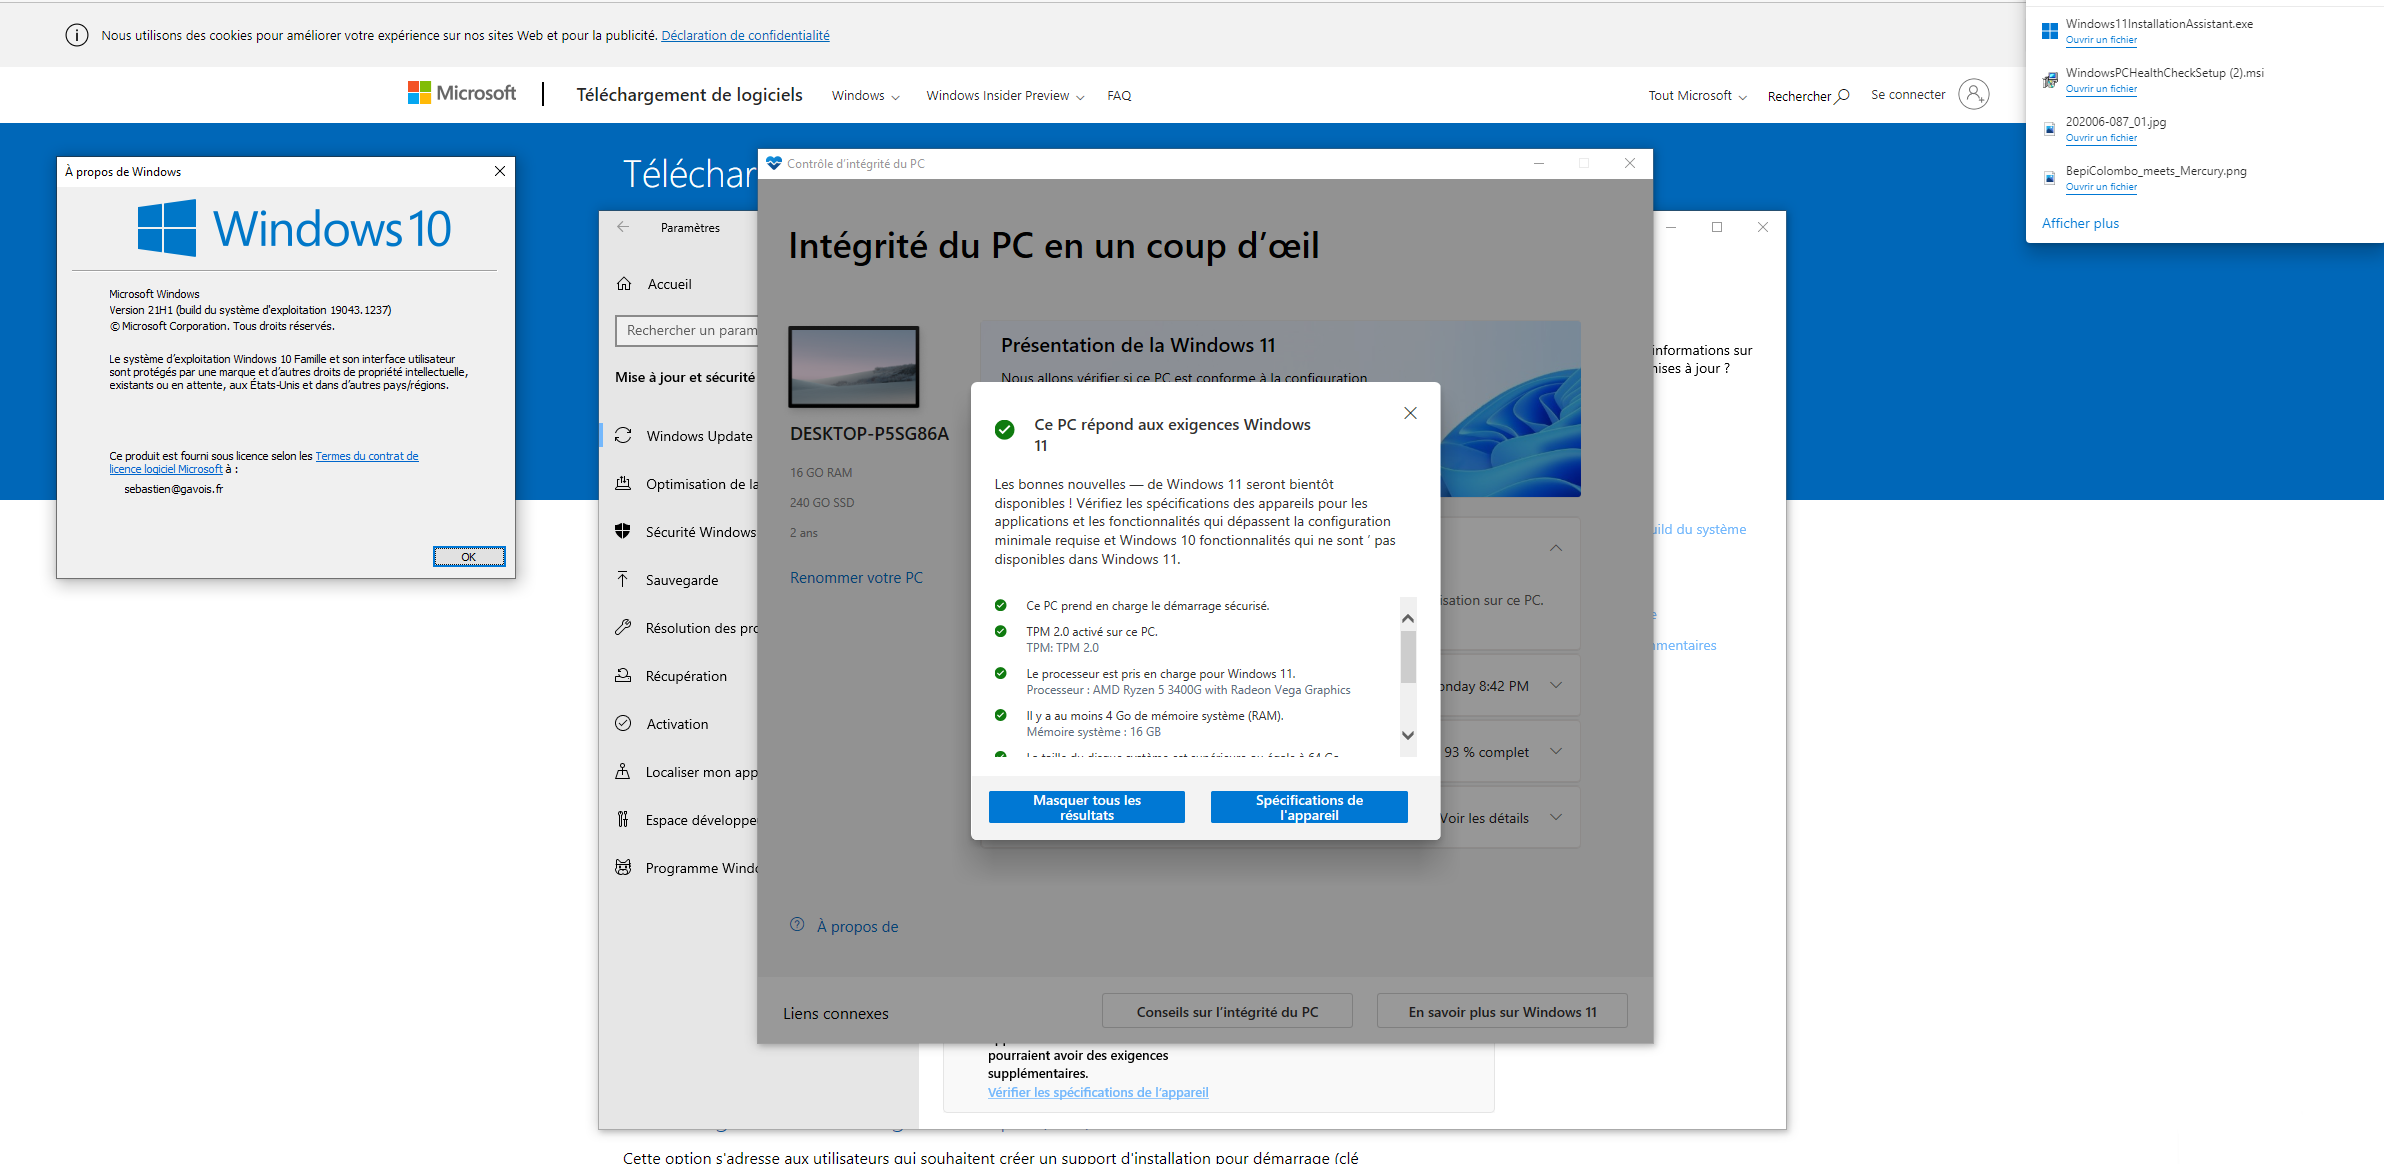 Windows 11 Compatibilité